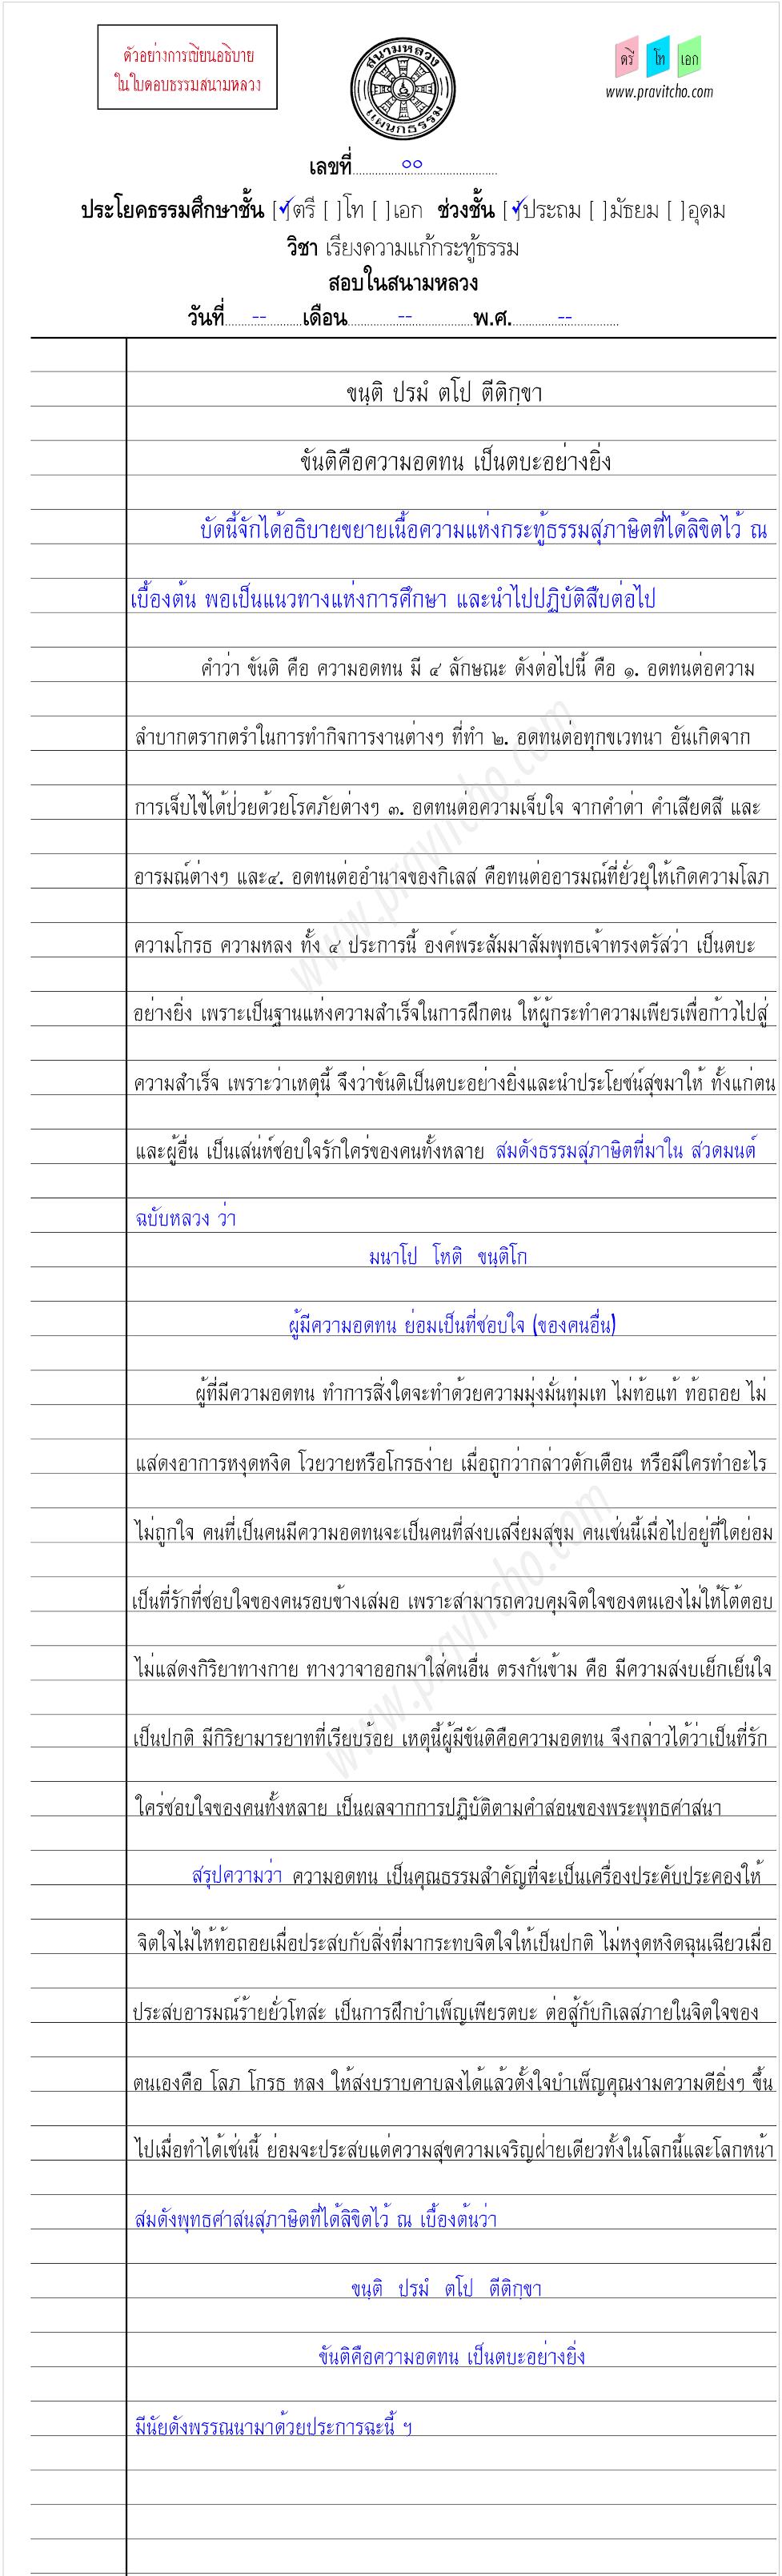 <h1>ตัวอย่างการเขียนกระทู้ธรรมชั้นตรี</h1>